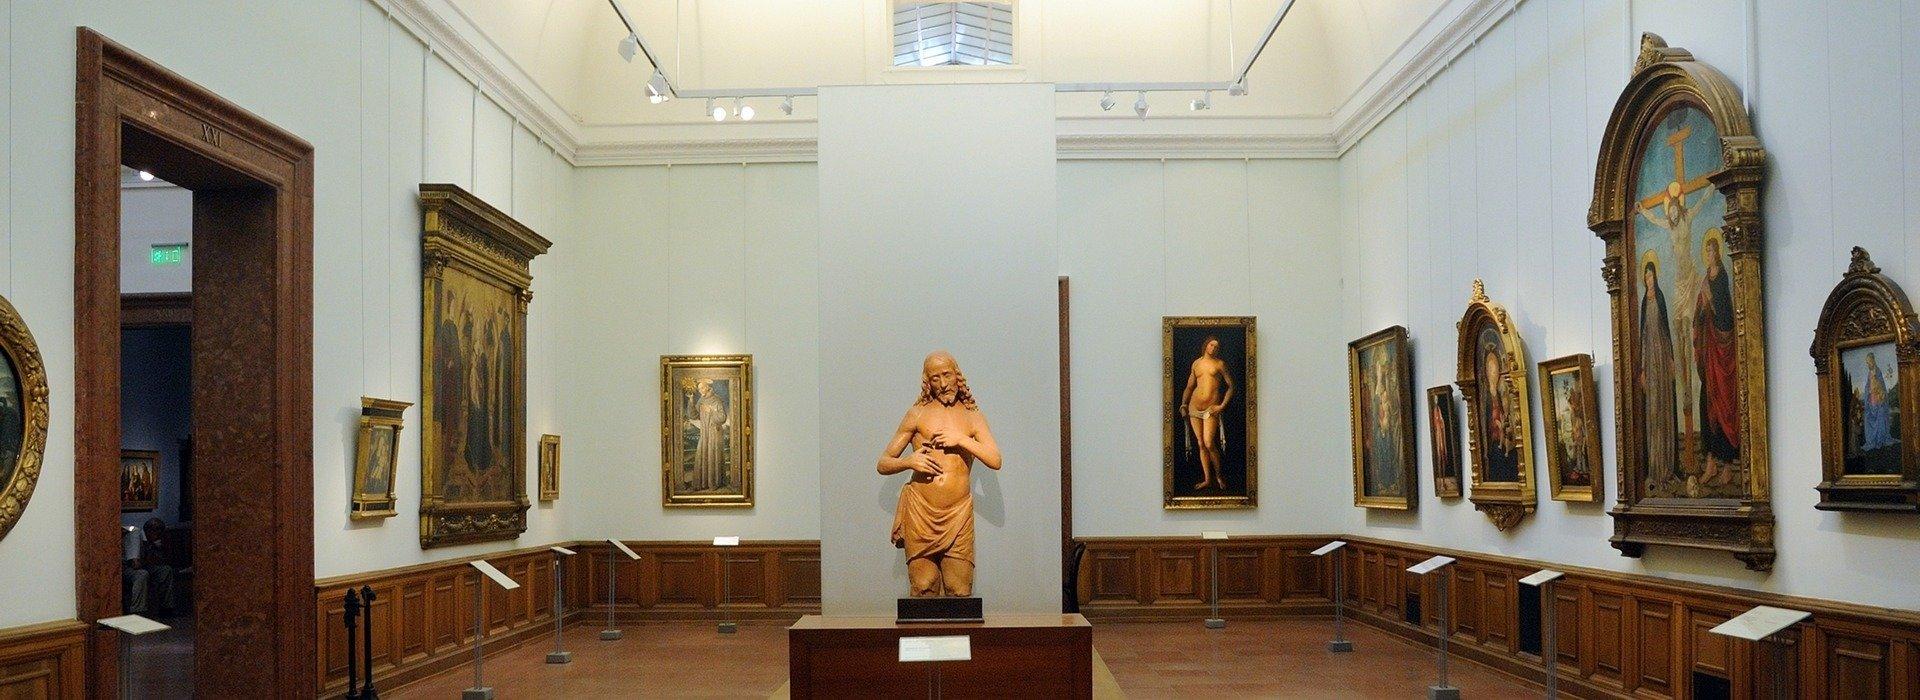 Kodály Zoltán Emlékmúzeum és Archívum